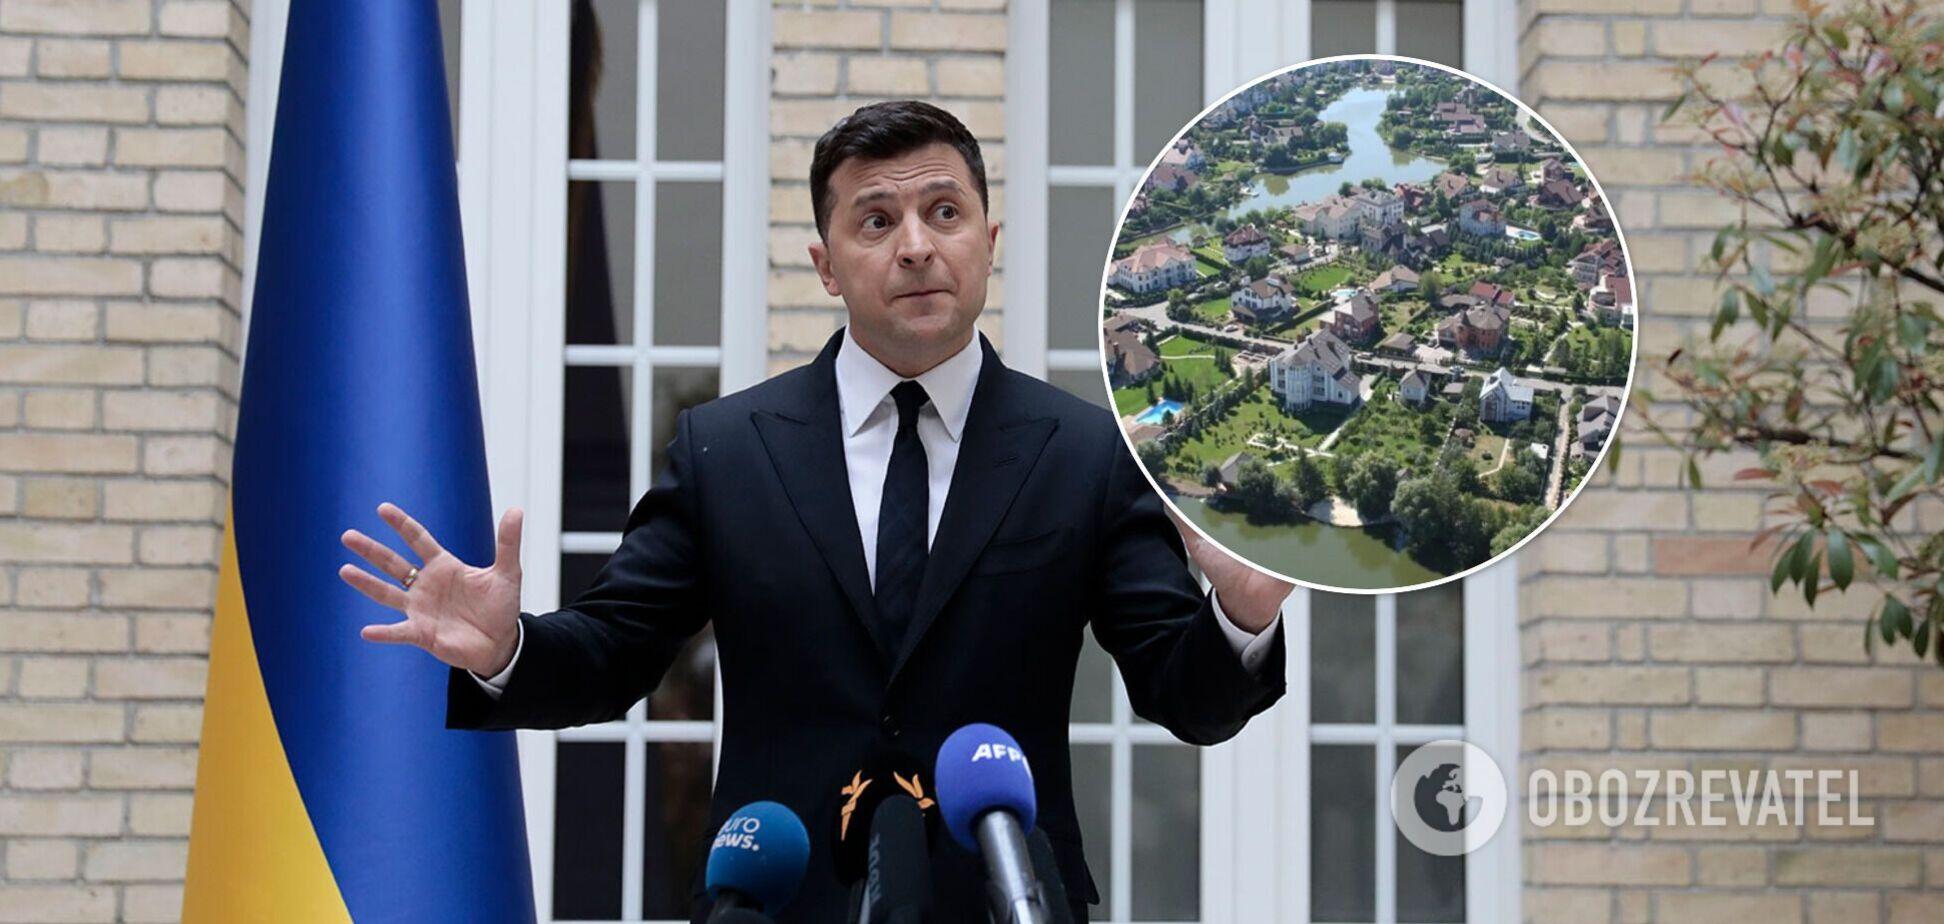 Зеленський анонсував переселення ексчиновників із Конча-Заспи і Пущі-Водиці